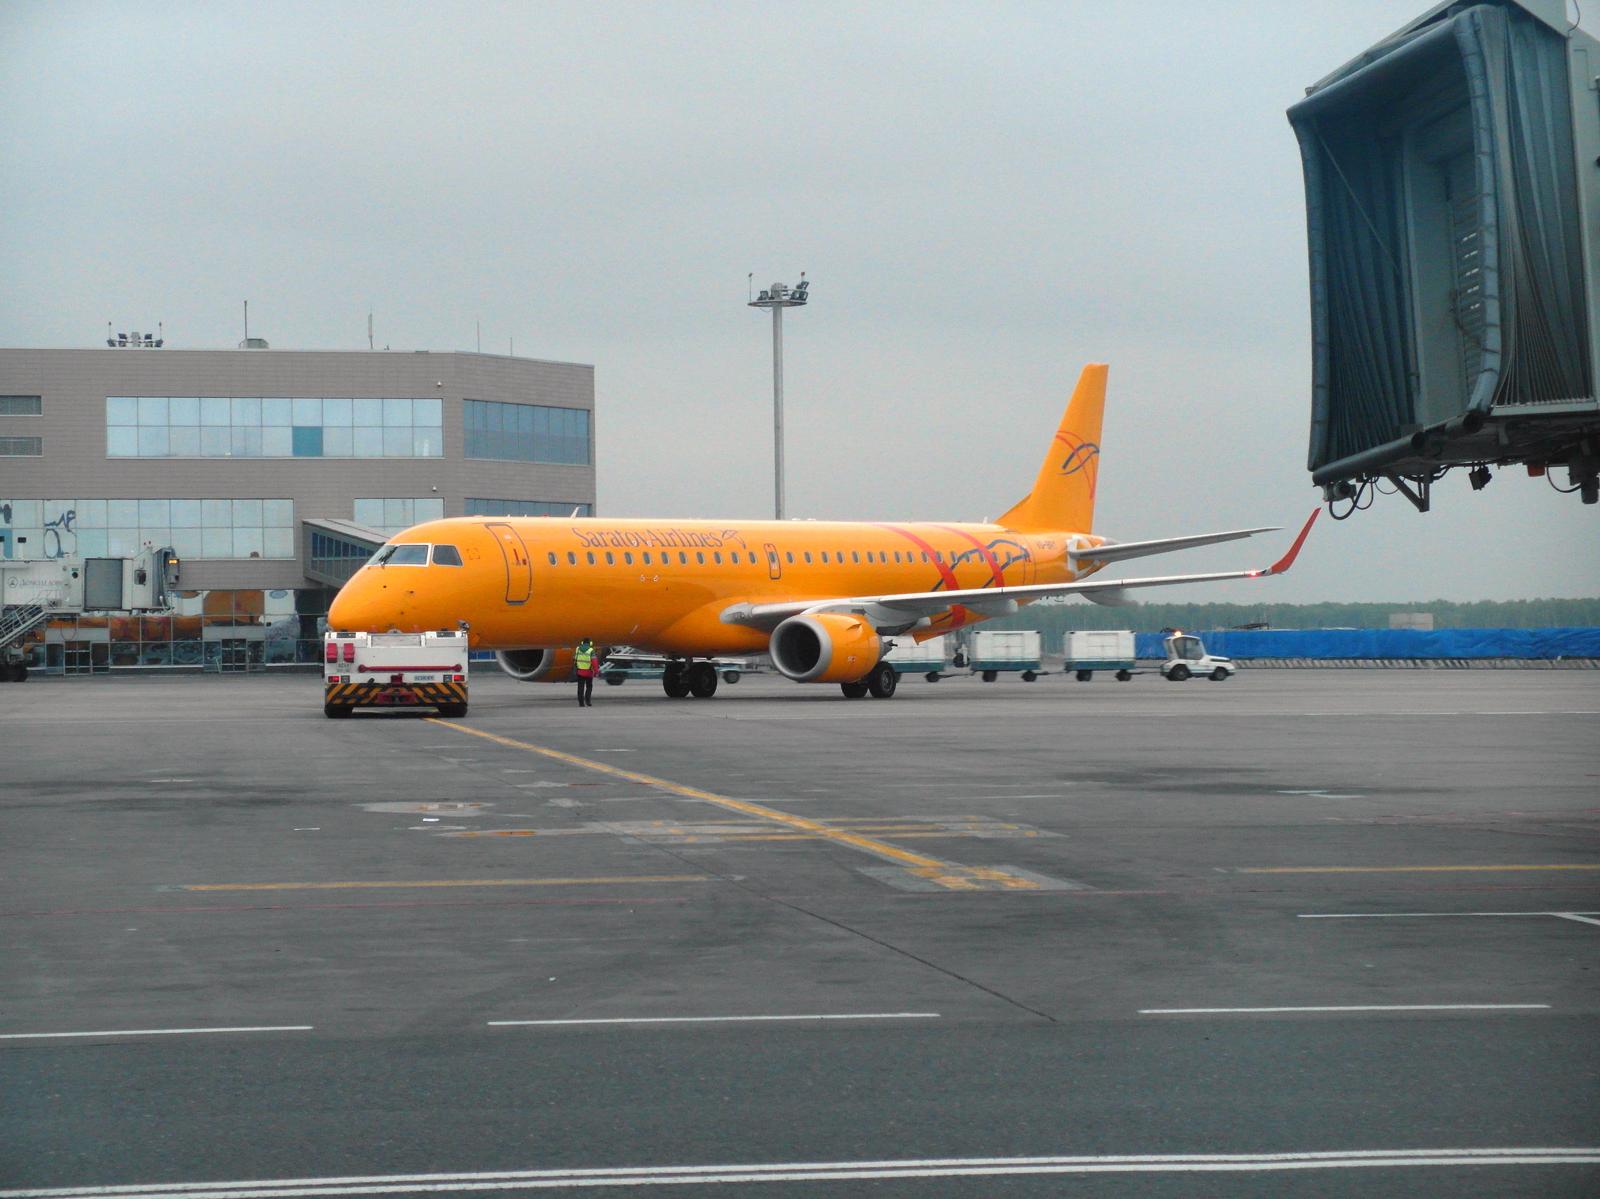 Буксировка самолета Embraer 195 Саратовских авиалиний в аэропорту Домодедово